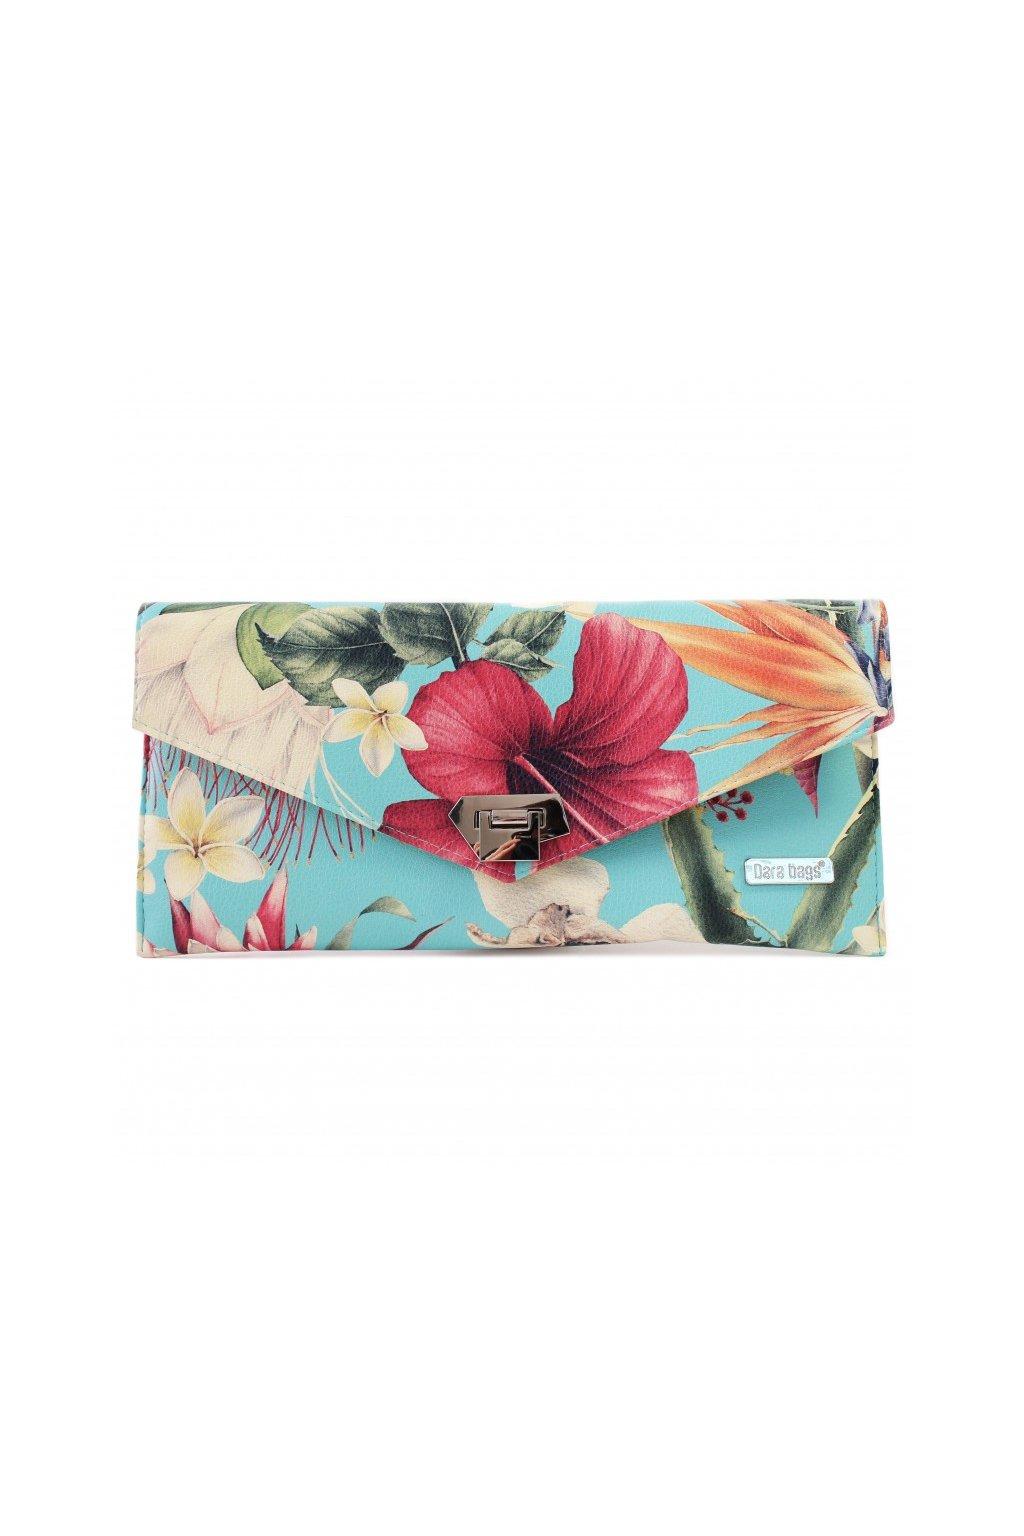 Kvetinova kabelka Malibu Classy tyrkysova 1